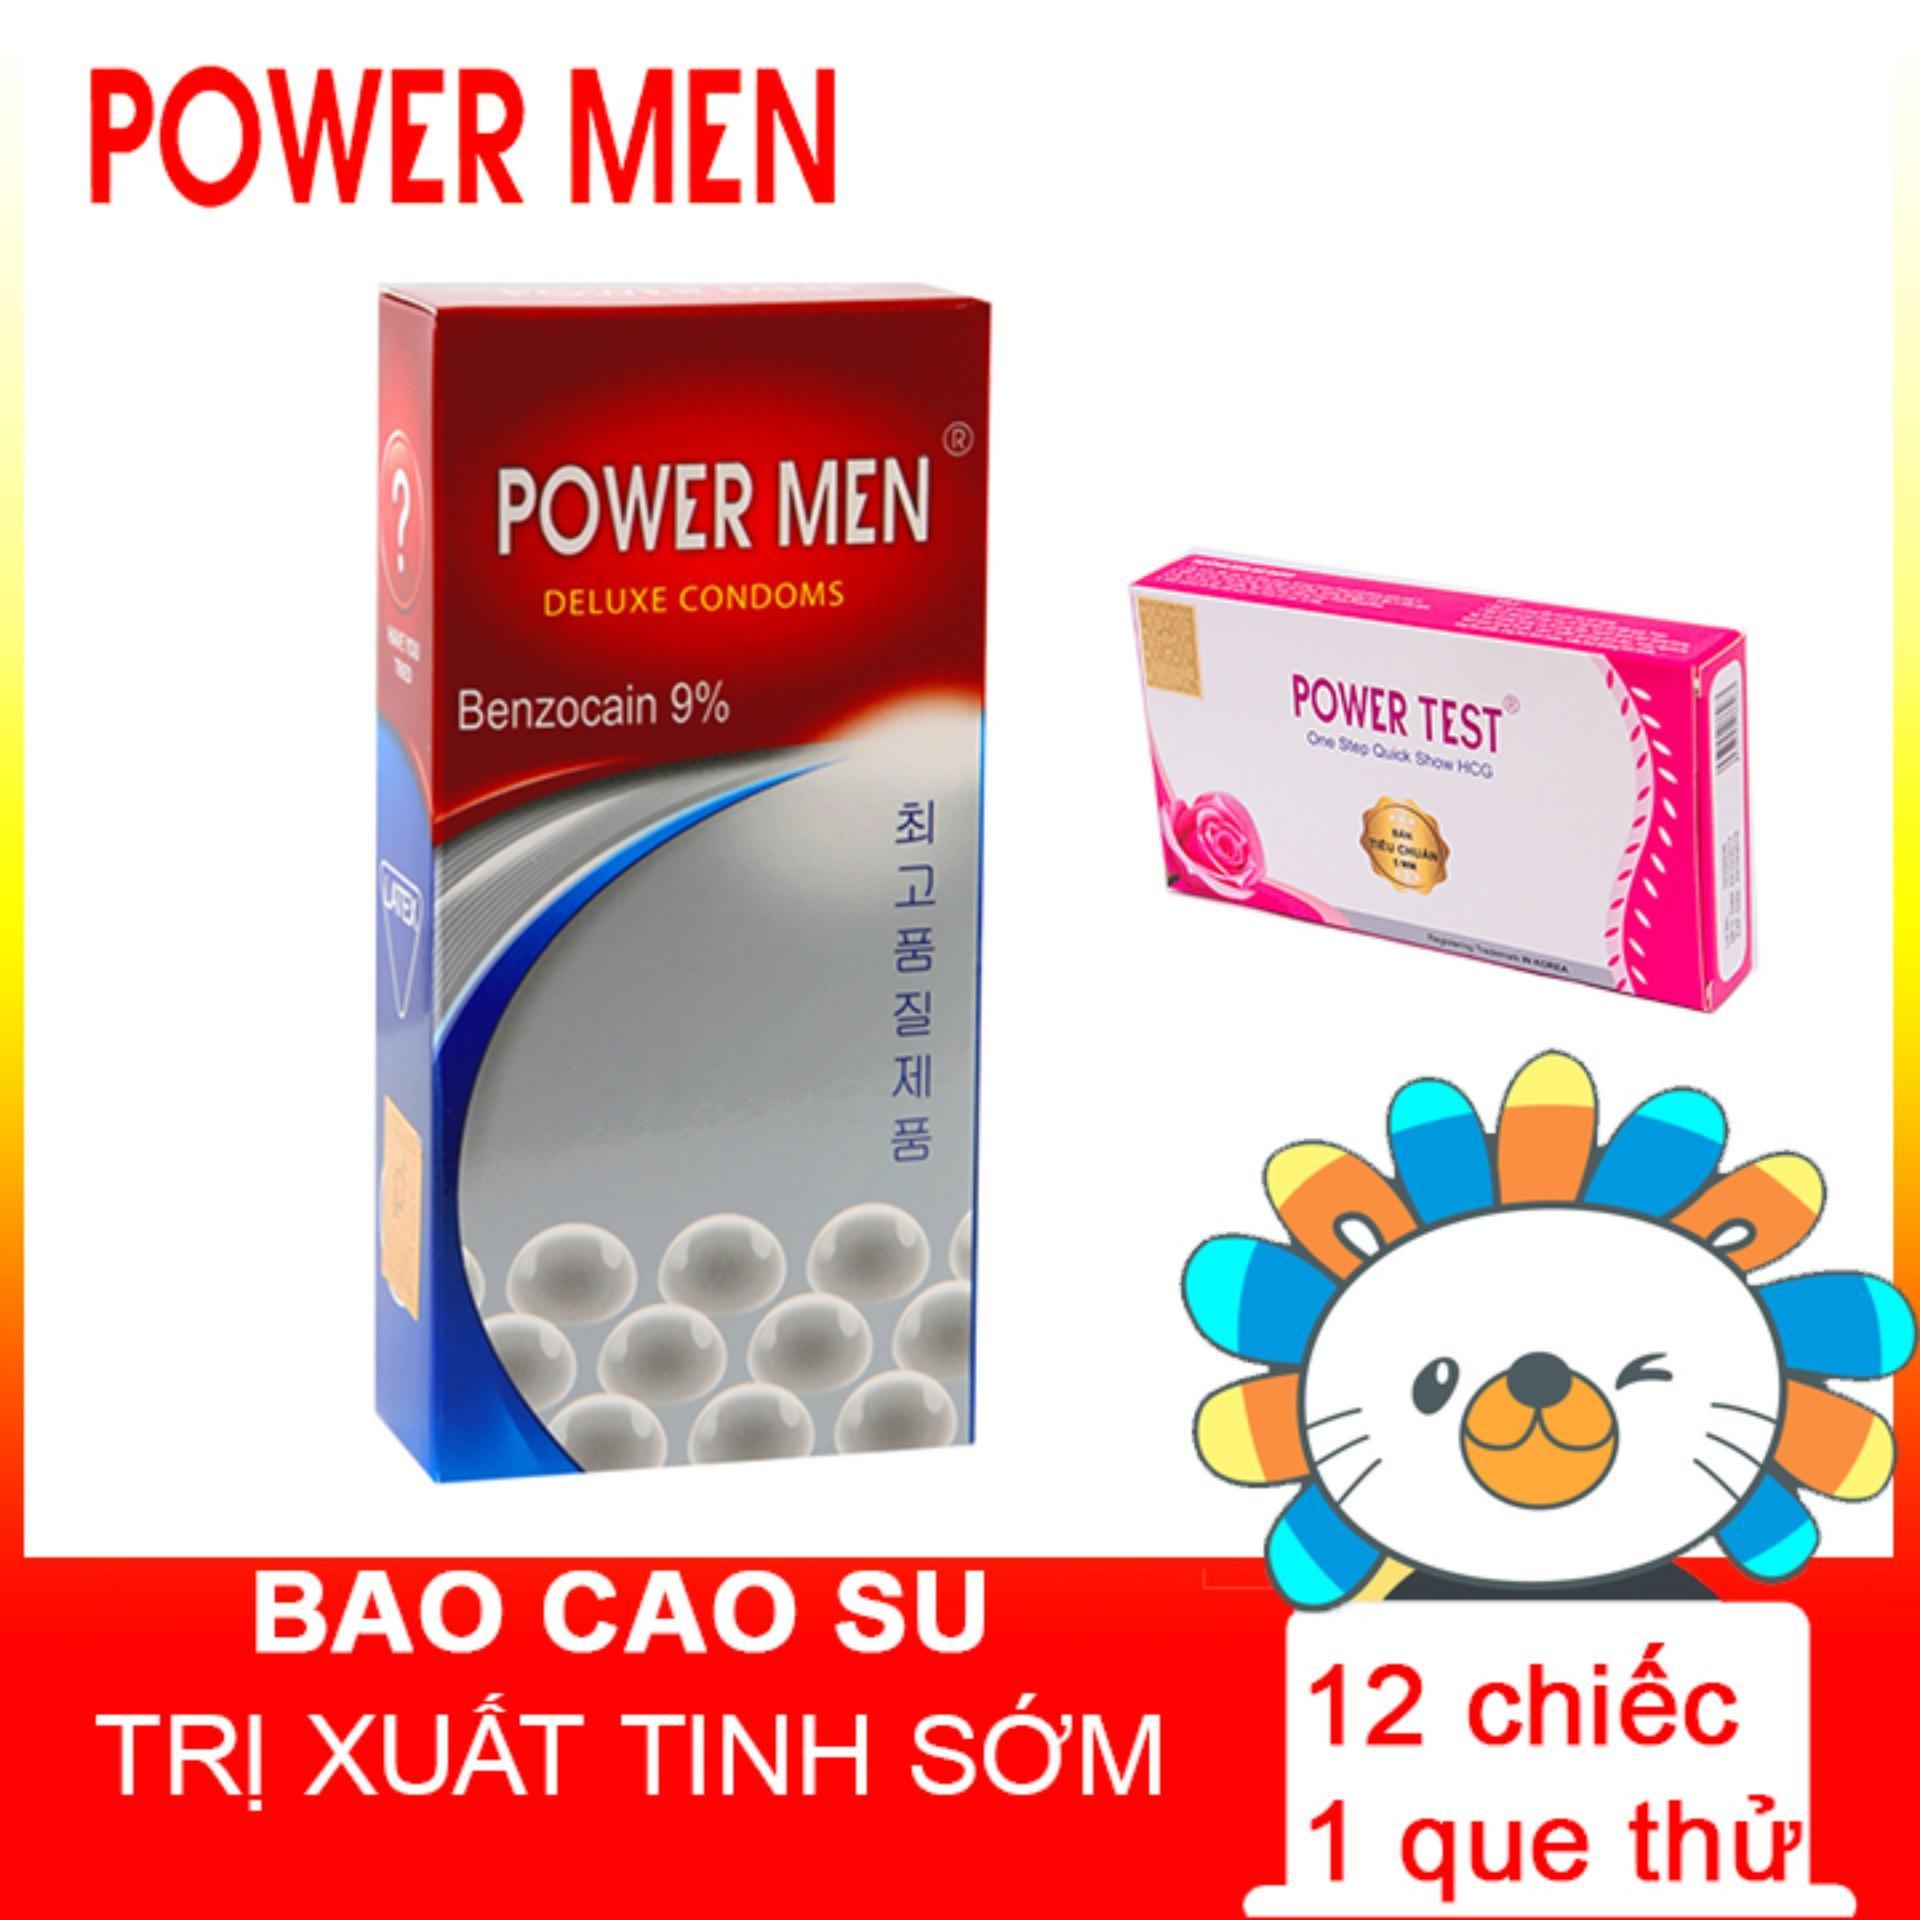 [Mua 1 Tặng 1] Que thử thai Powertest tặng Bao cao su Powermen 12 chiếc BCS